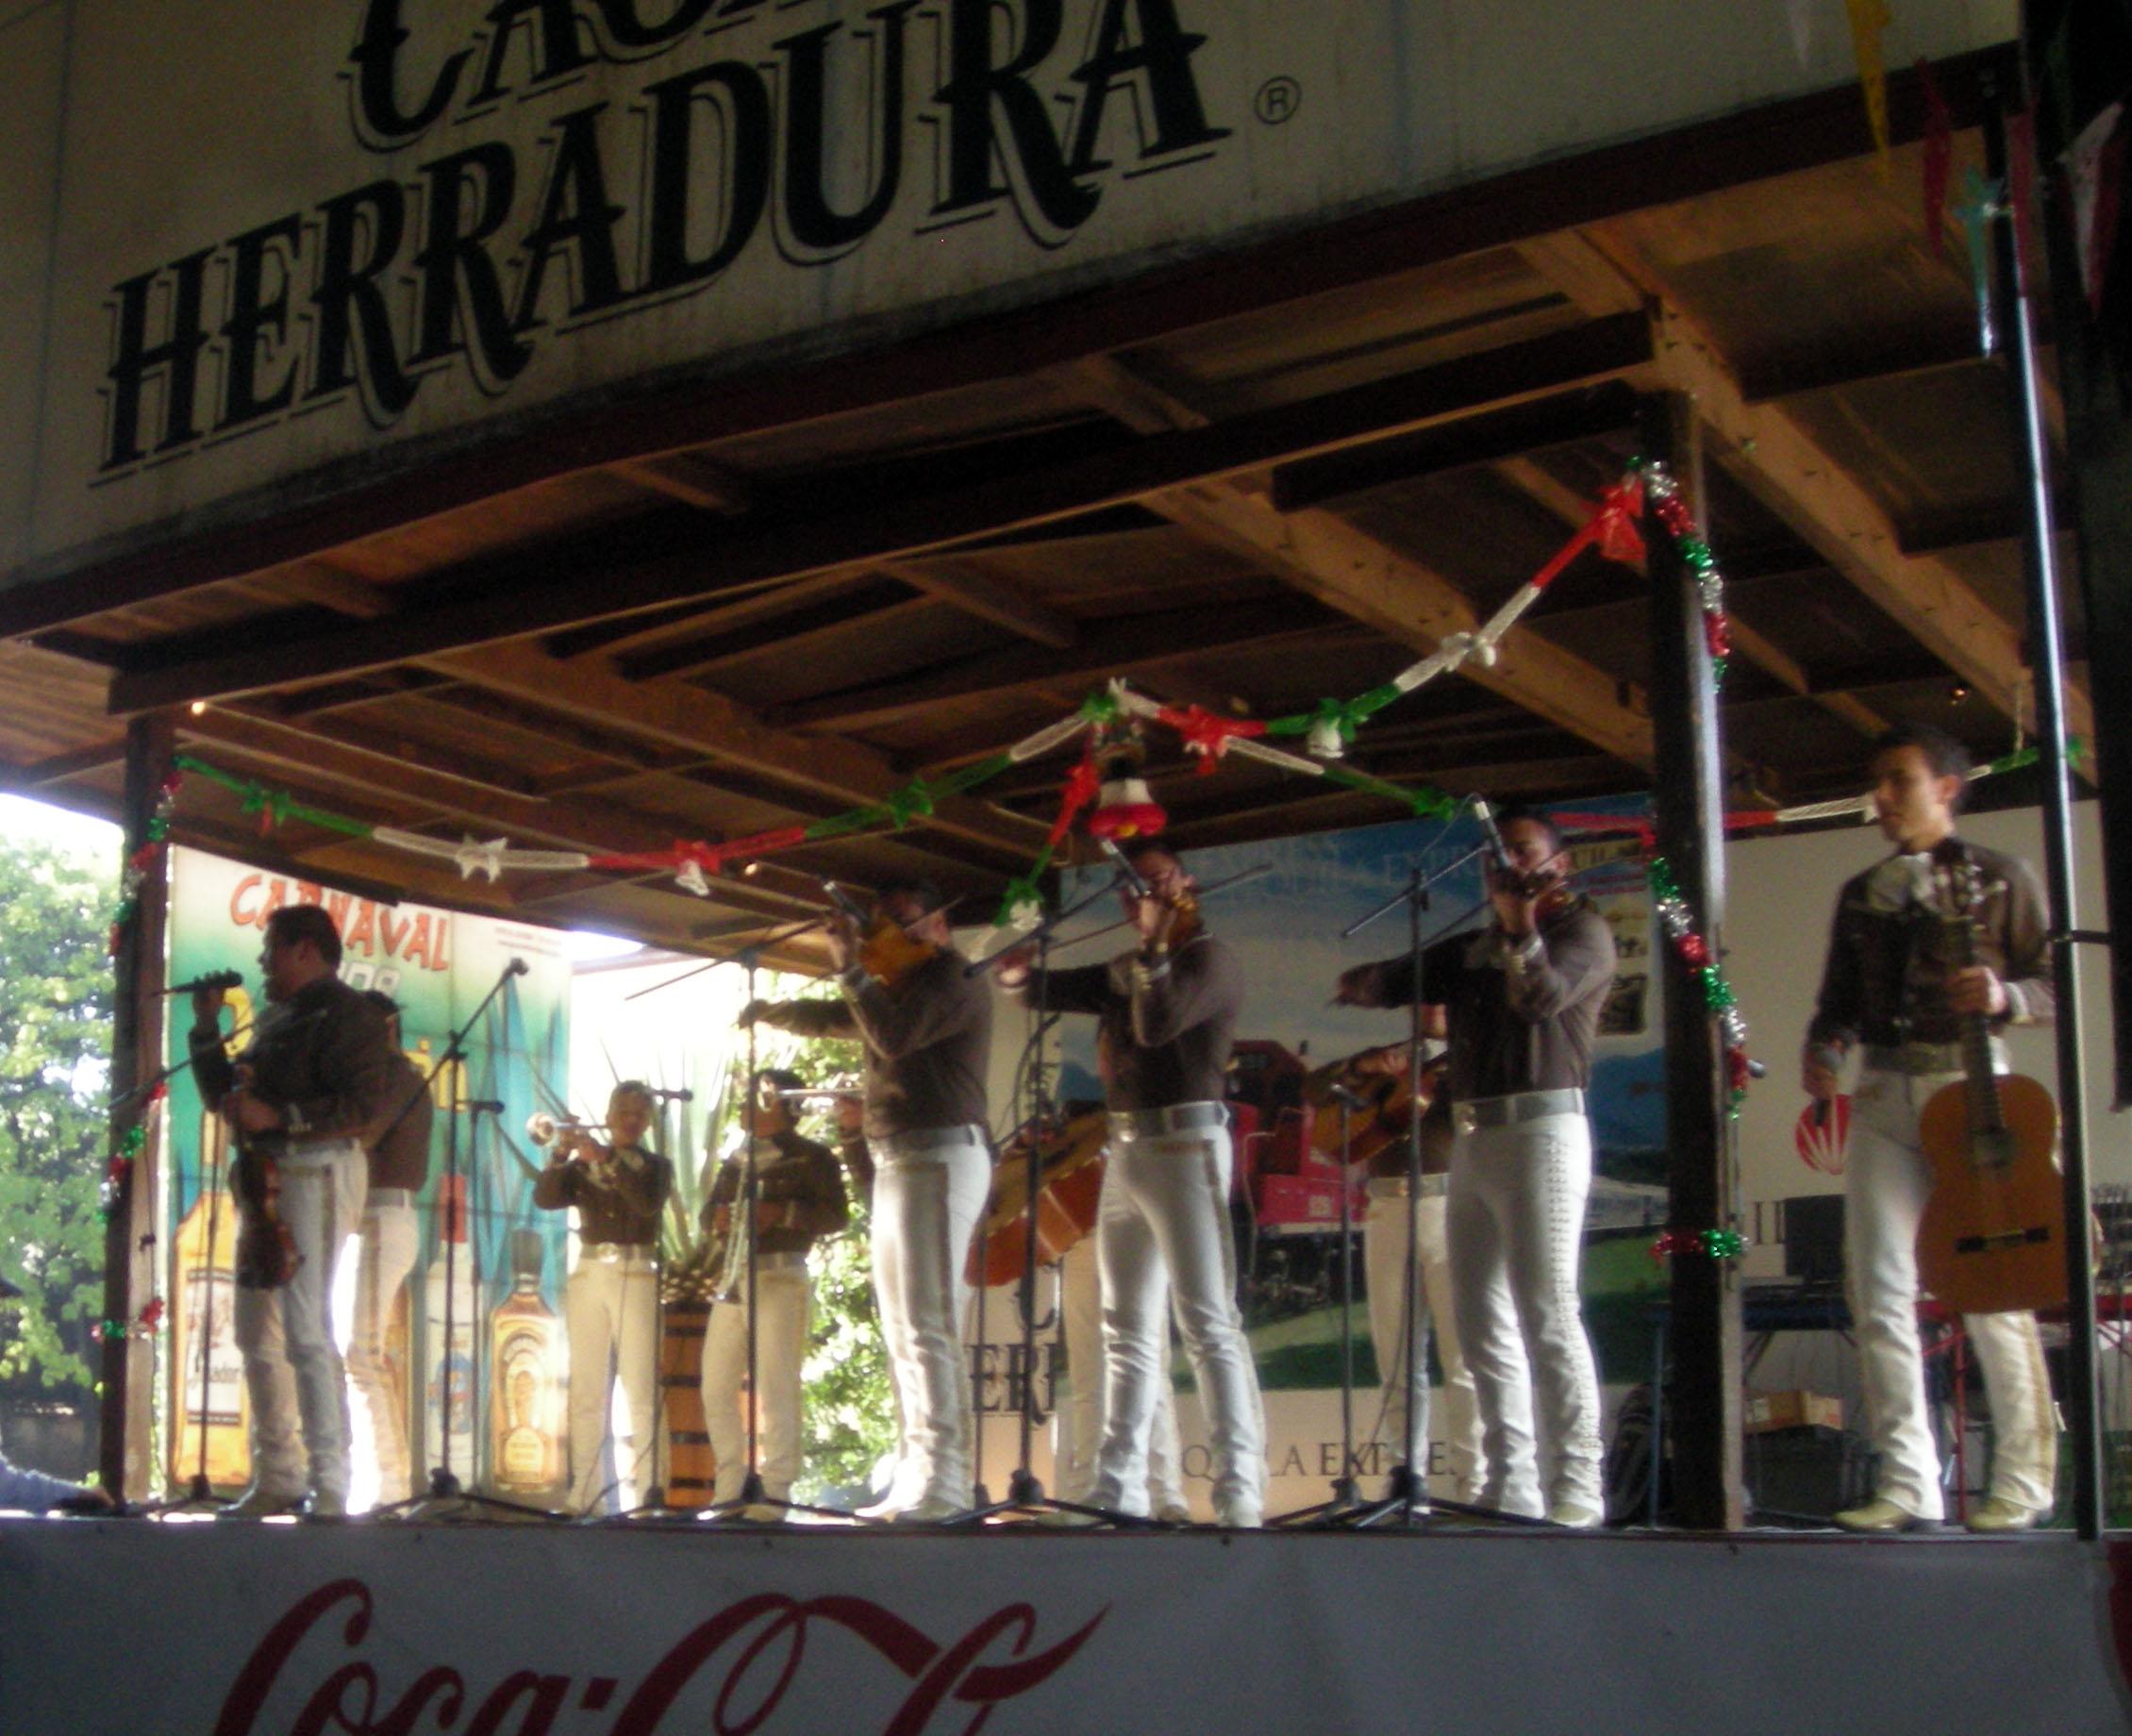 Tequila train mariachi.jpg